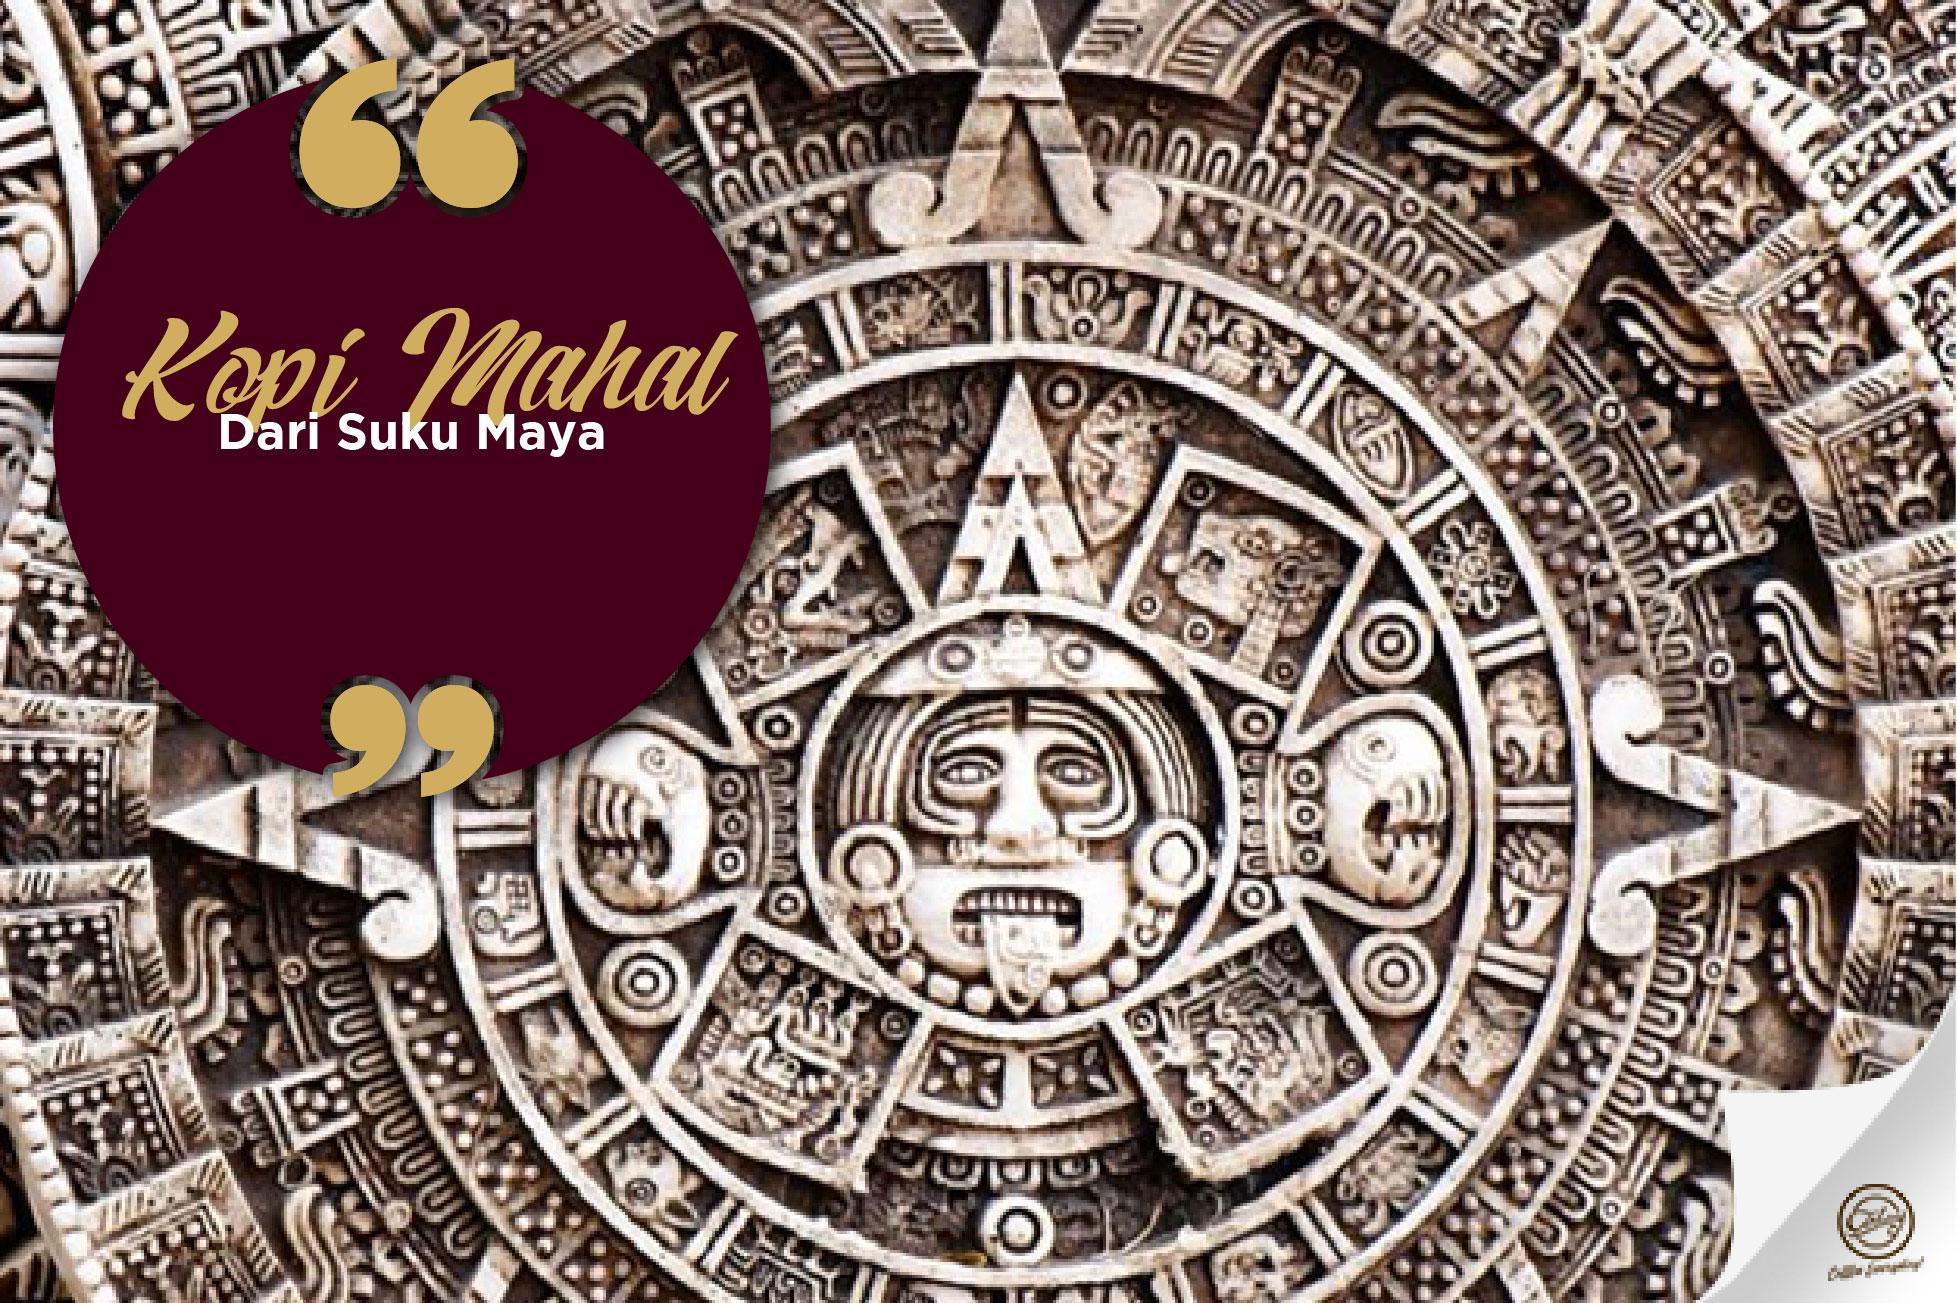 Kopi Suku Maya